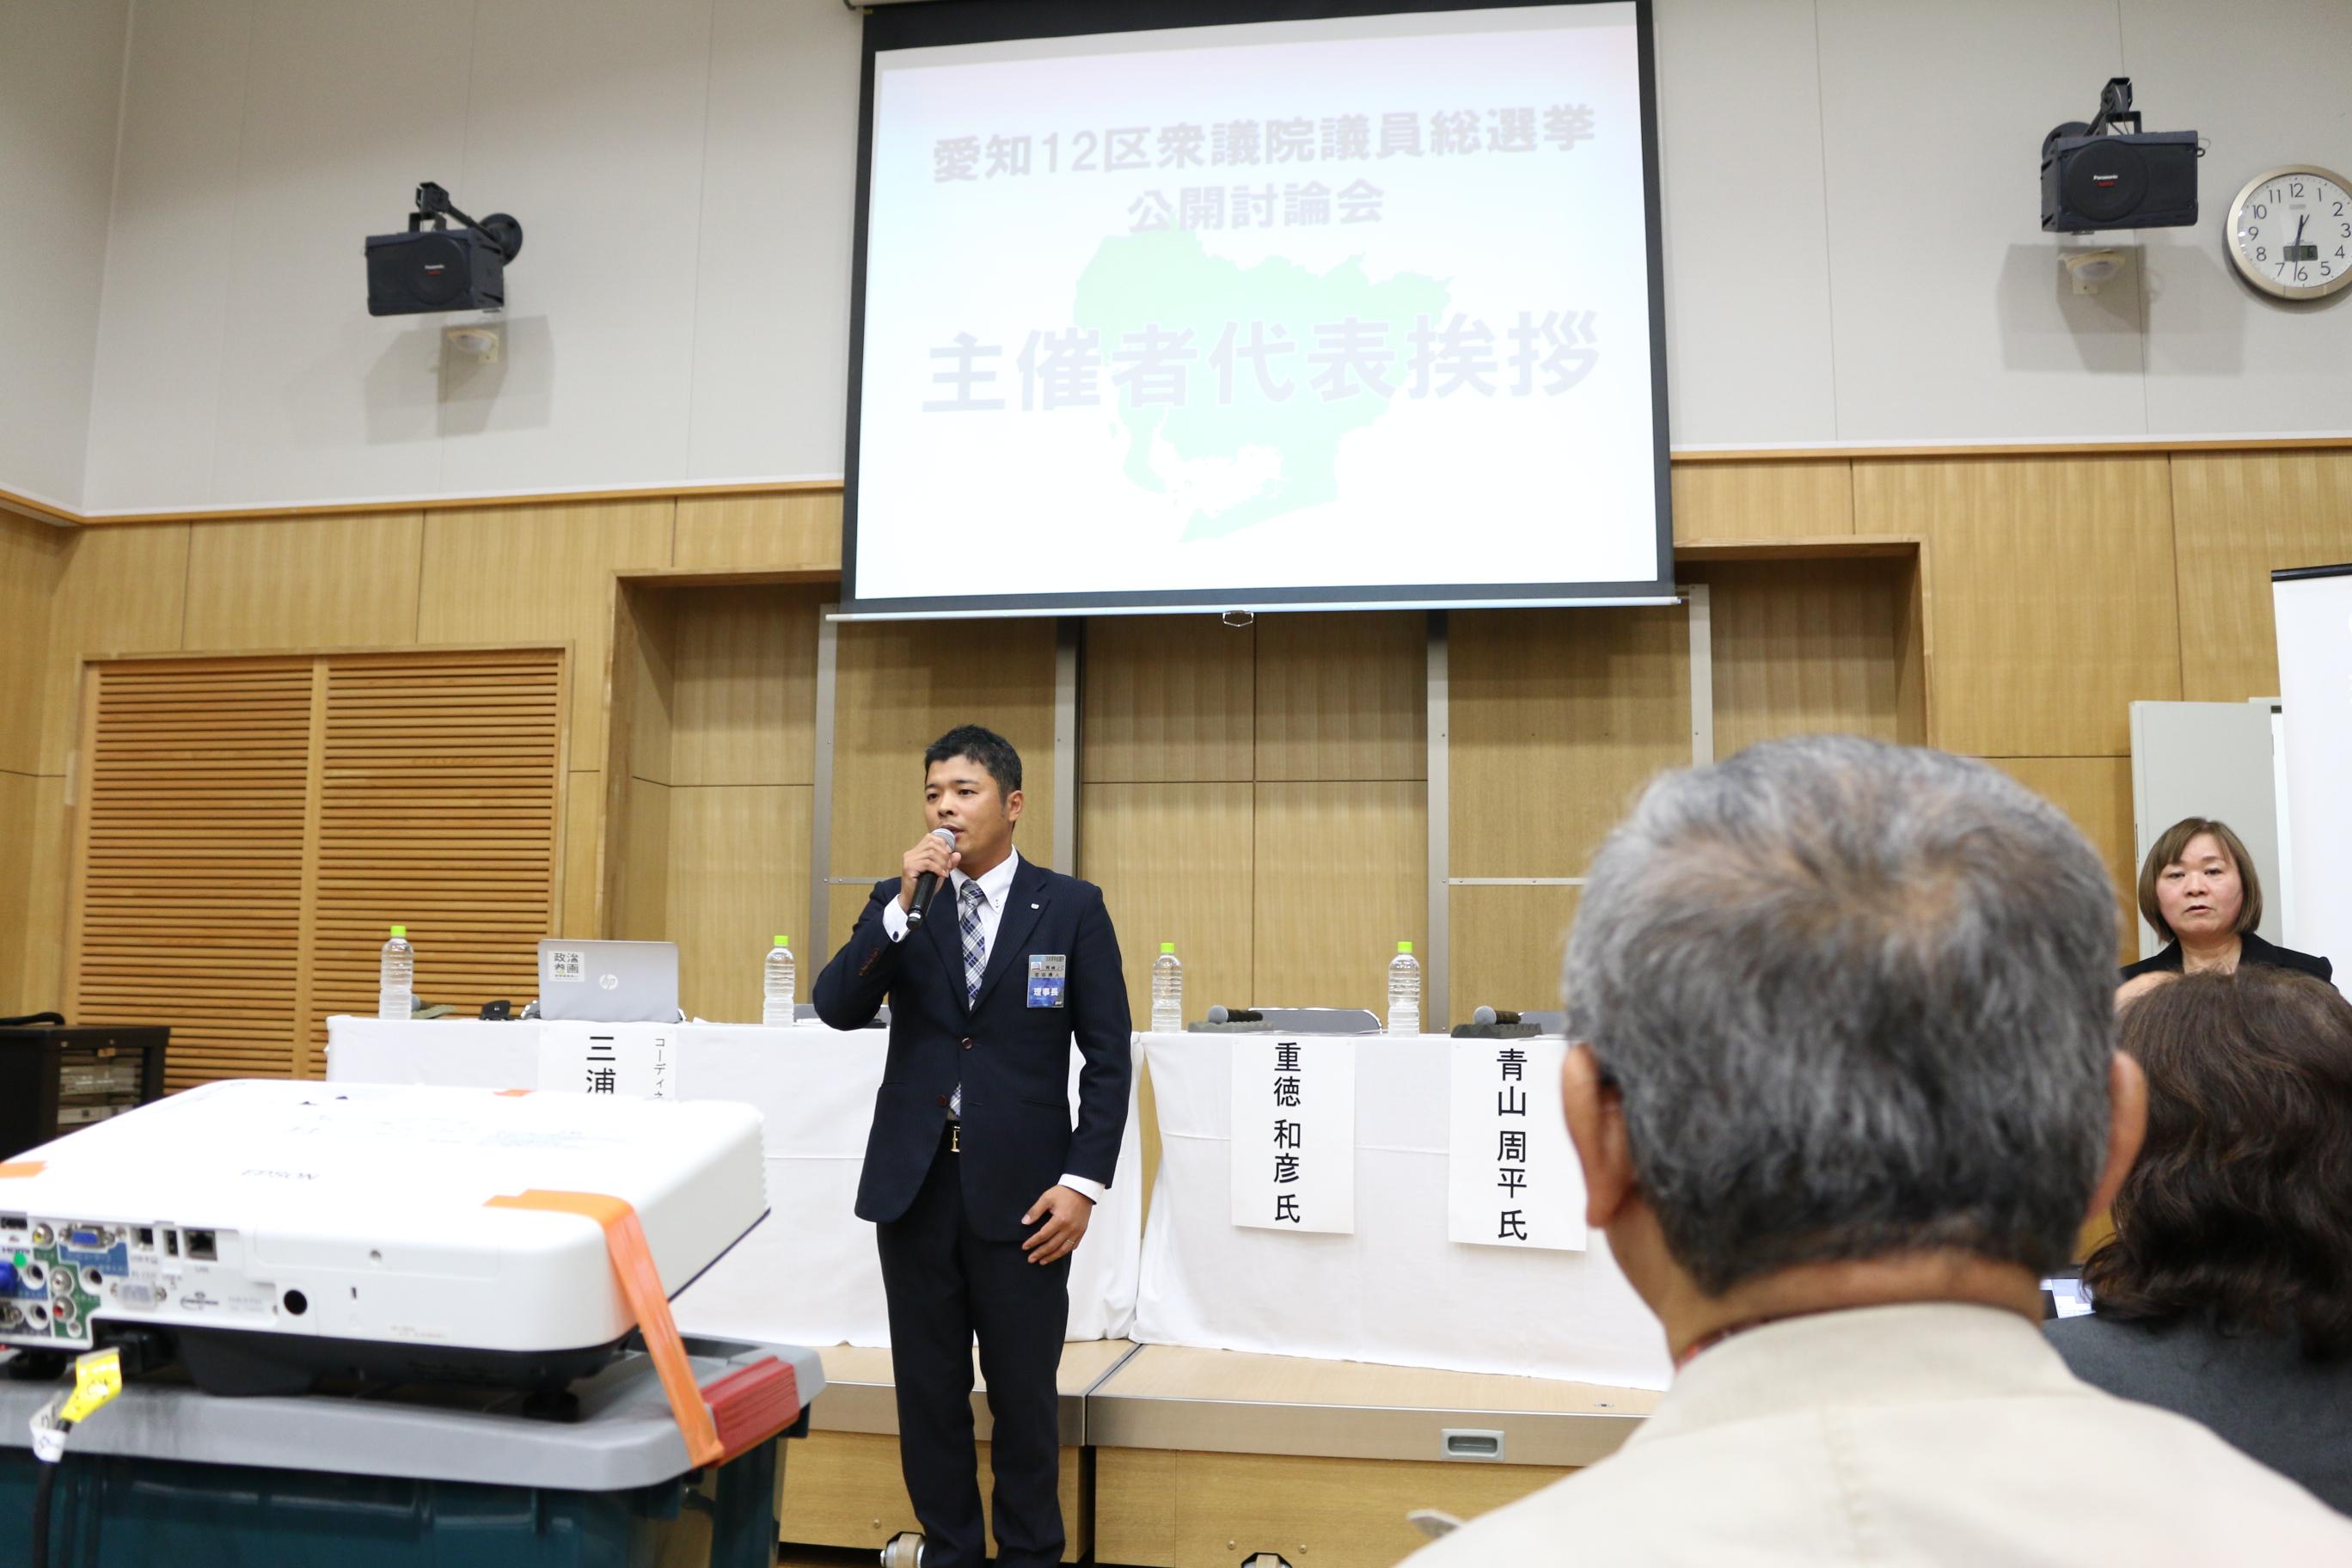 衆議院議員総選挙 愛知12区 公開...